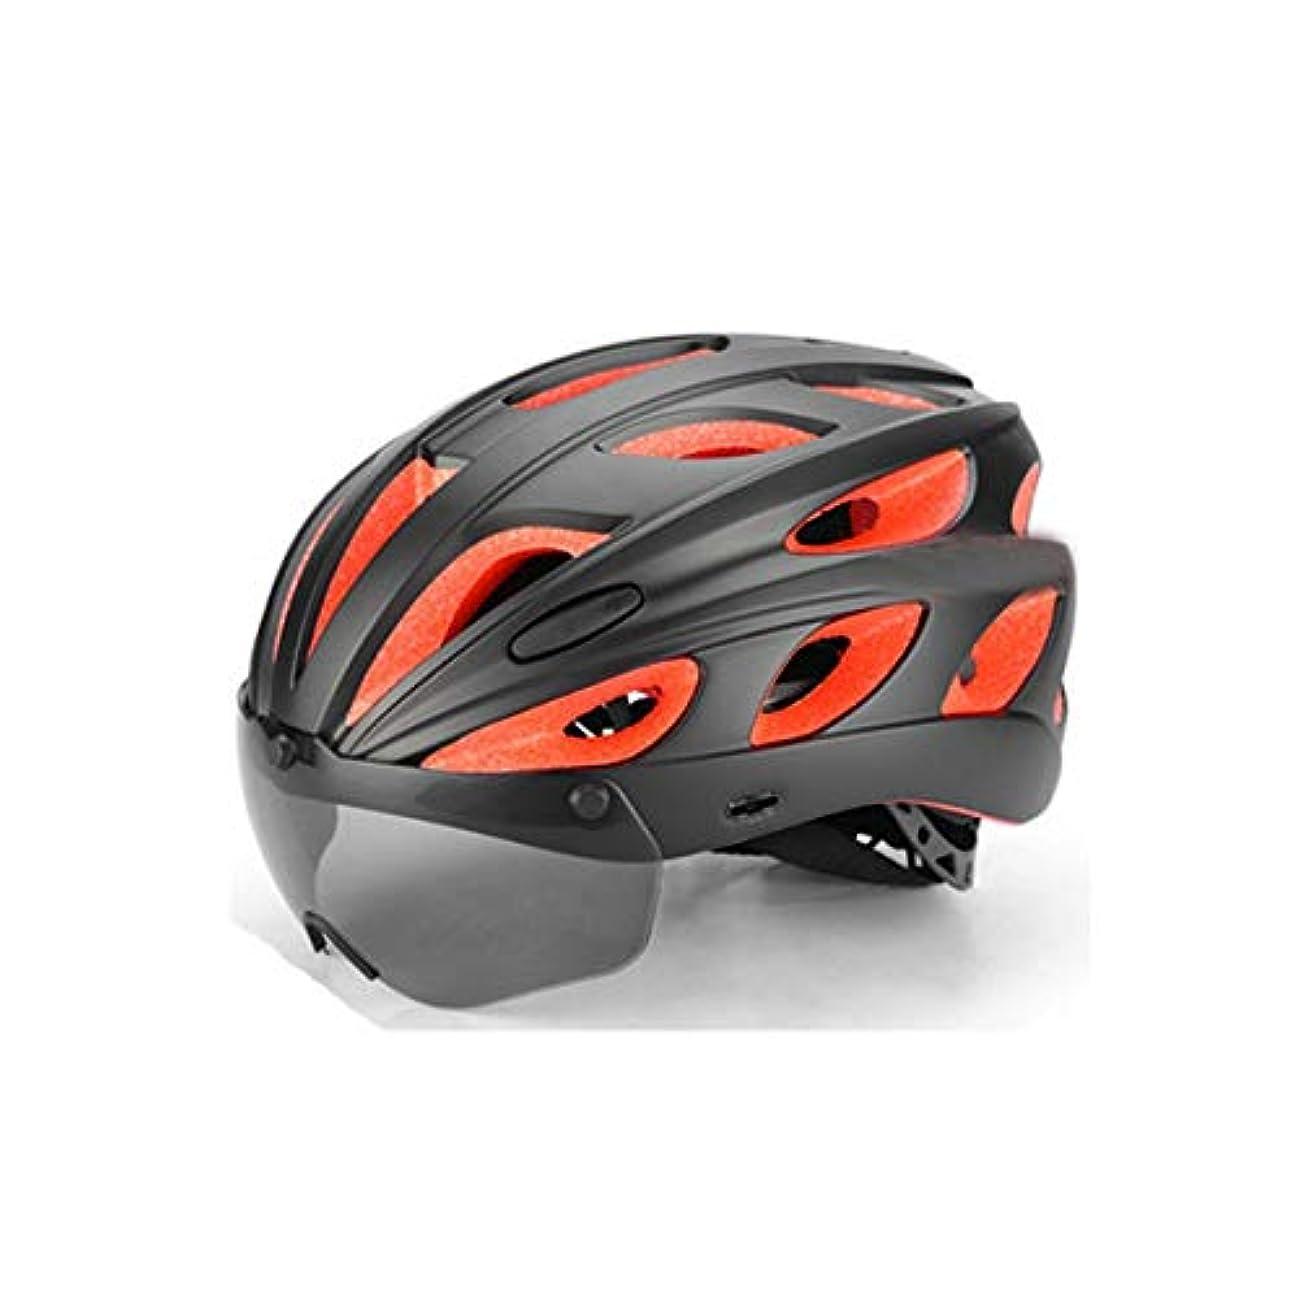 吐き出すファウル辞任CQIANG エアフロー自転車用ヘルメット、インモールド補強スケルトン、追加保護、磁気PCレンズ、57?62cmヘッドの周囲に適し、黄色、オレンジ、赤、青 ComfortSafety